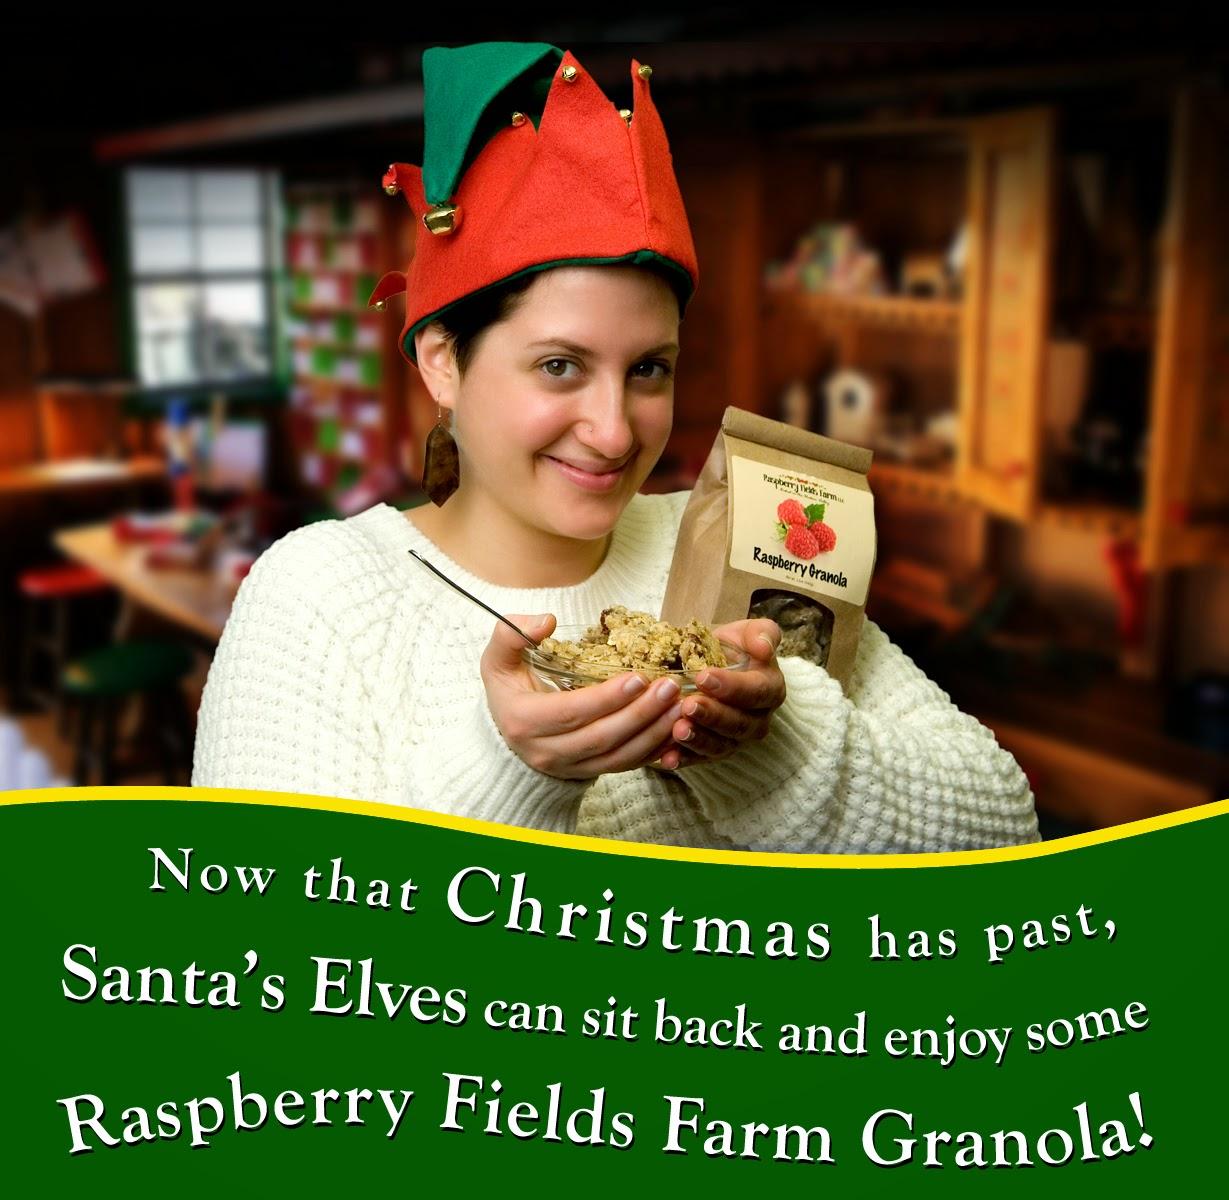 Santa's Elves Enjoy Raspberry Fields Farm Granola